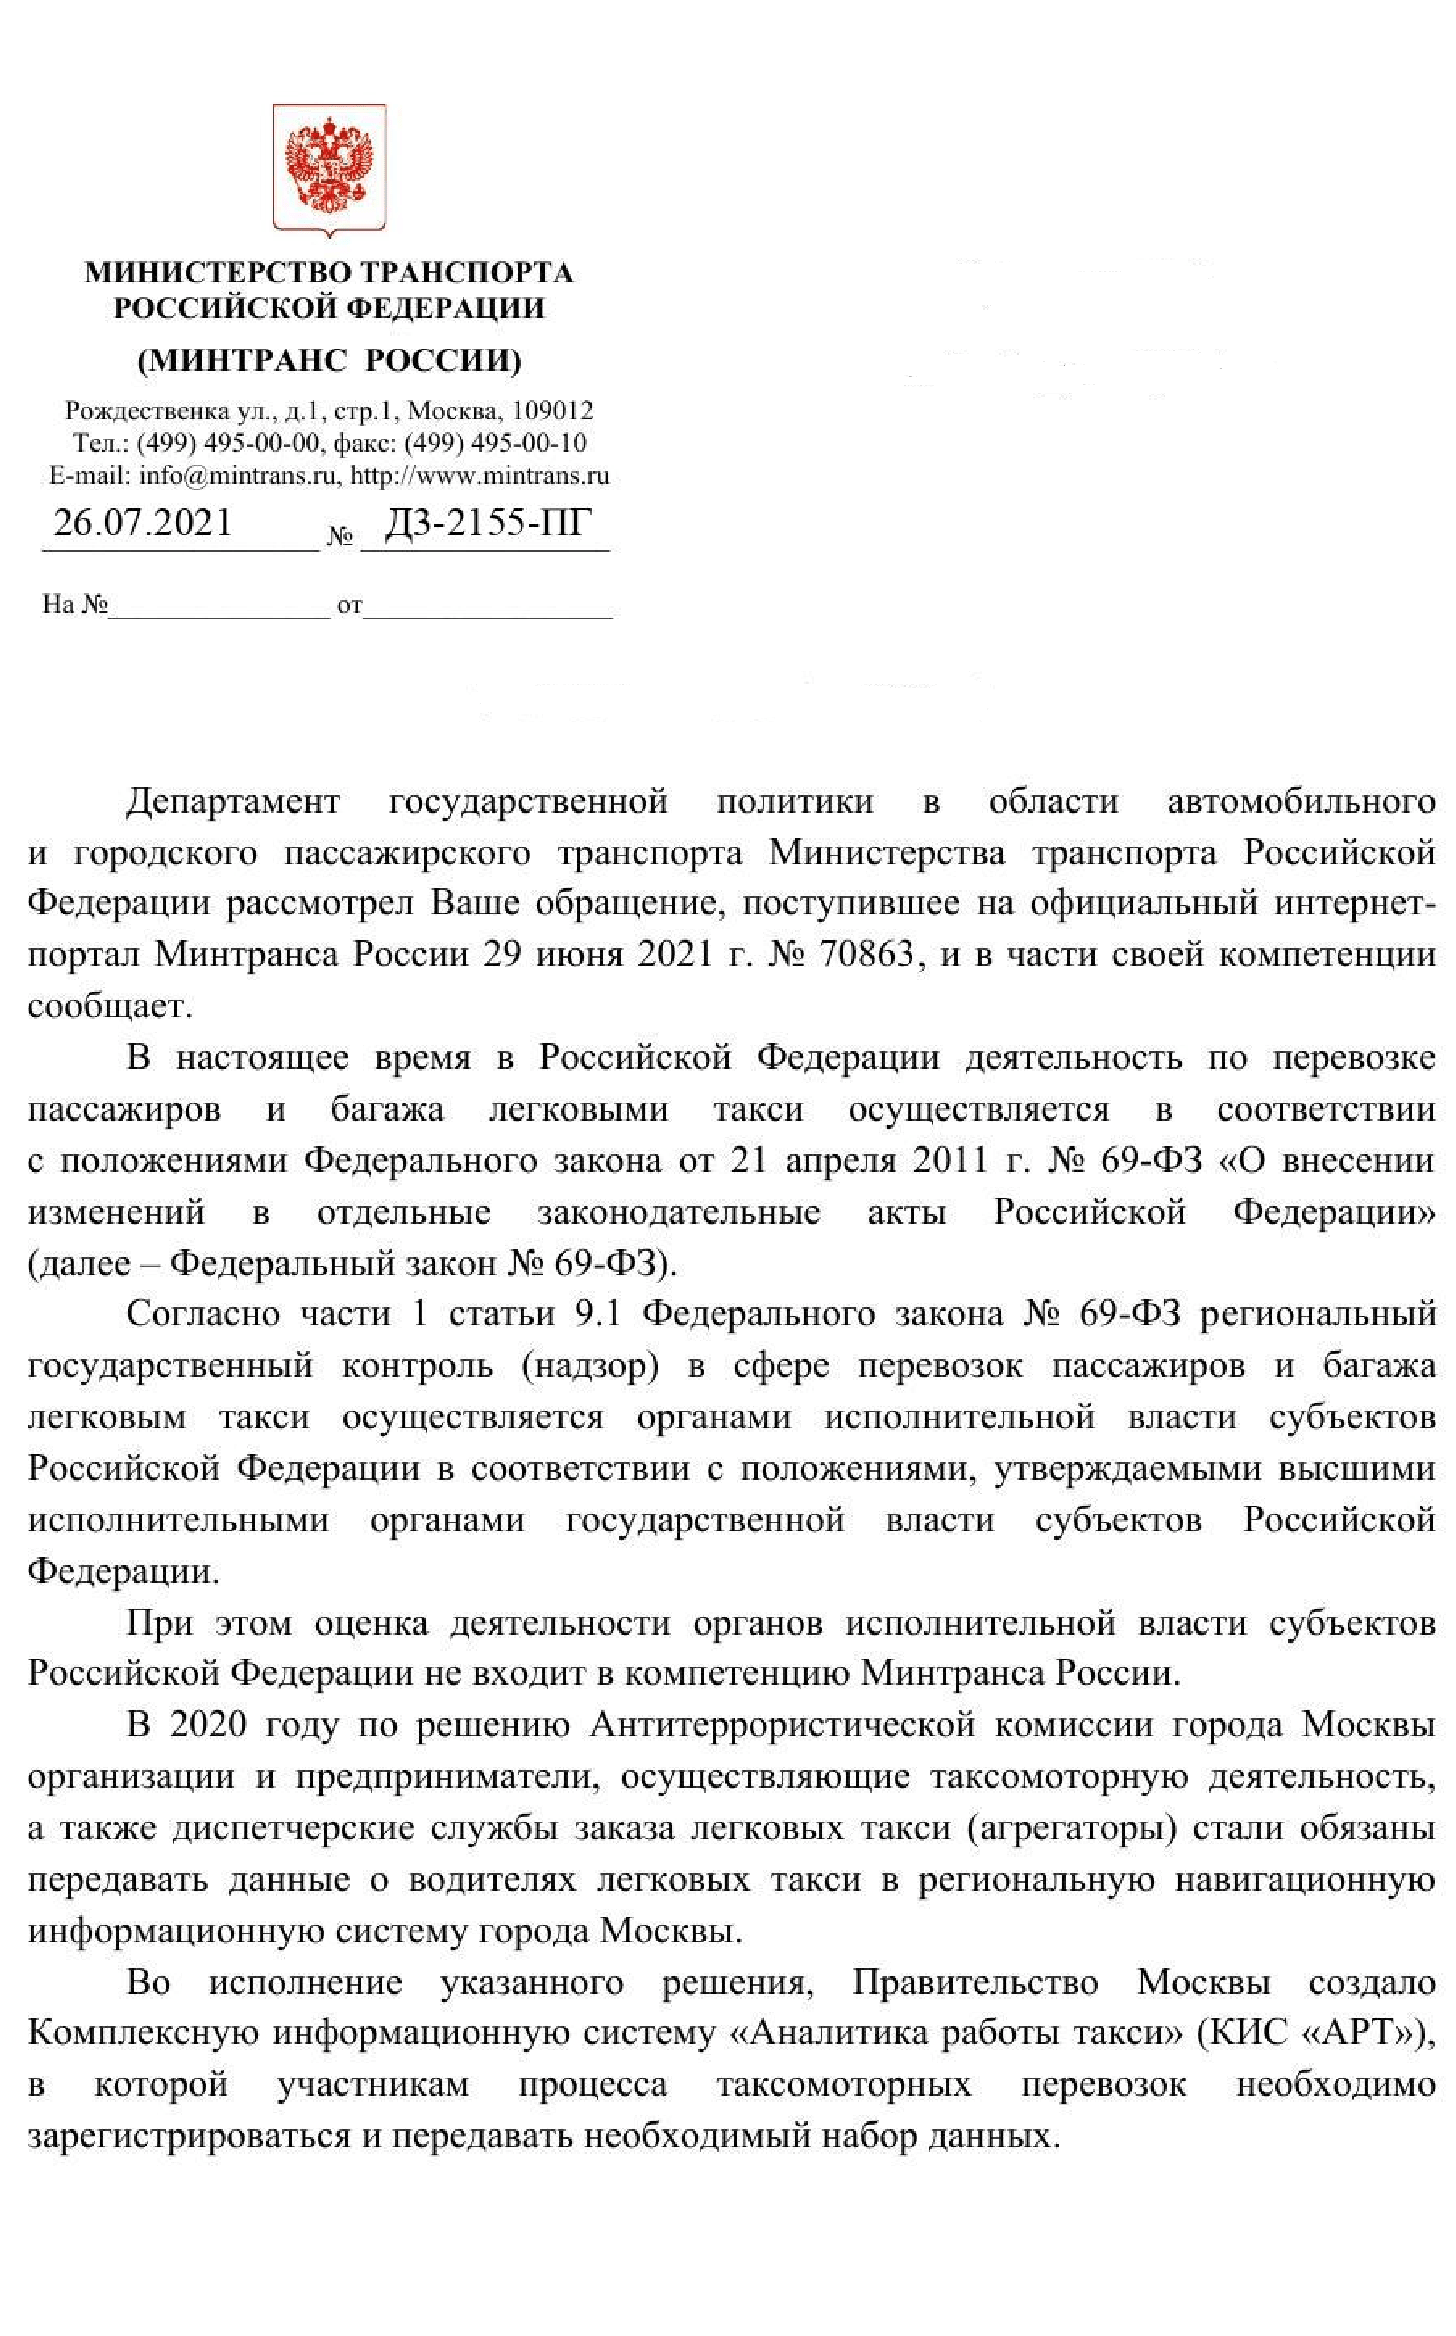 """ОТвет Минтранса по работе КИС """"АРТ"""""""